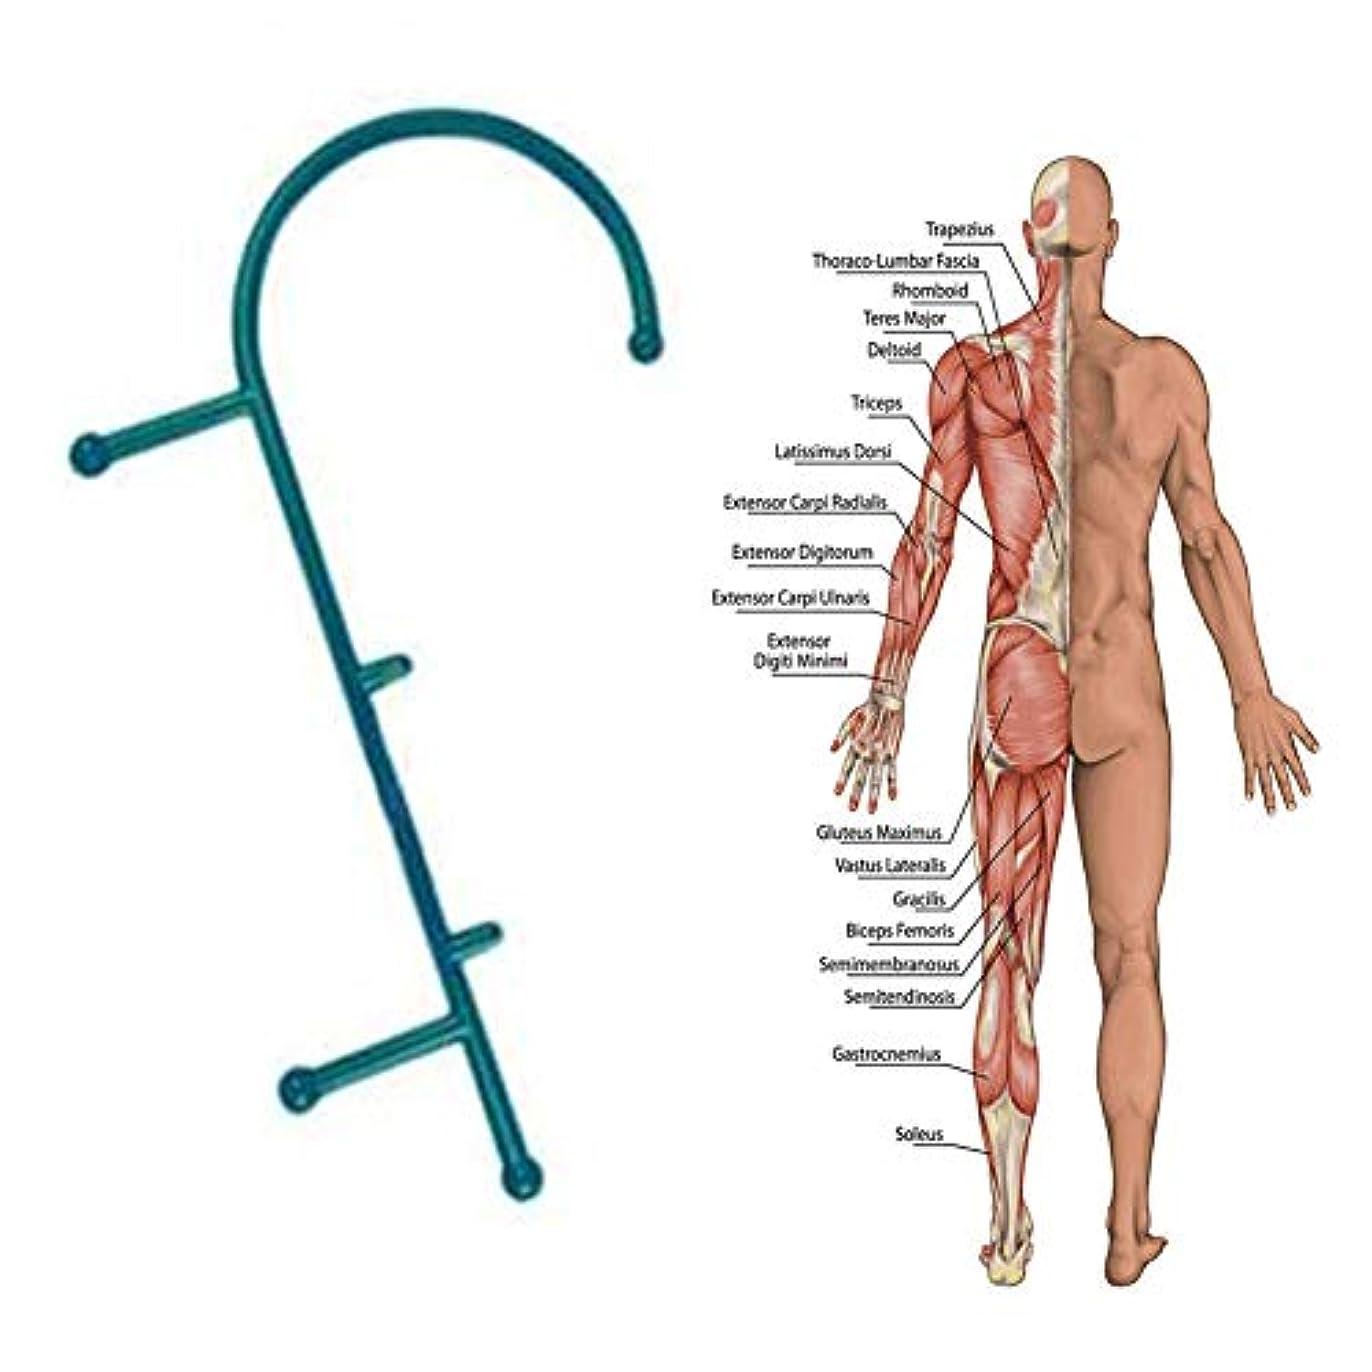 レビュー愛されし者検出可能トリガーポイントリリーフマッサージポイントセラピーマッサージツール背中の首の痛みのためのC字型ディープマッスルハンドマッサージャー筋肉マッスル筋膜リリース-ダークグリーン